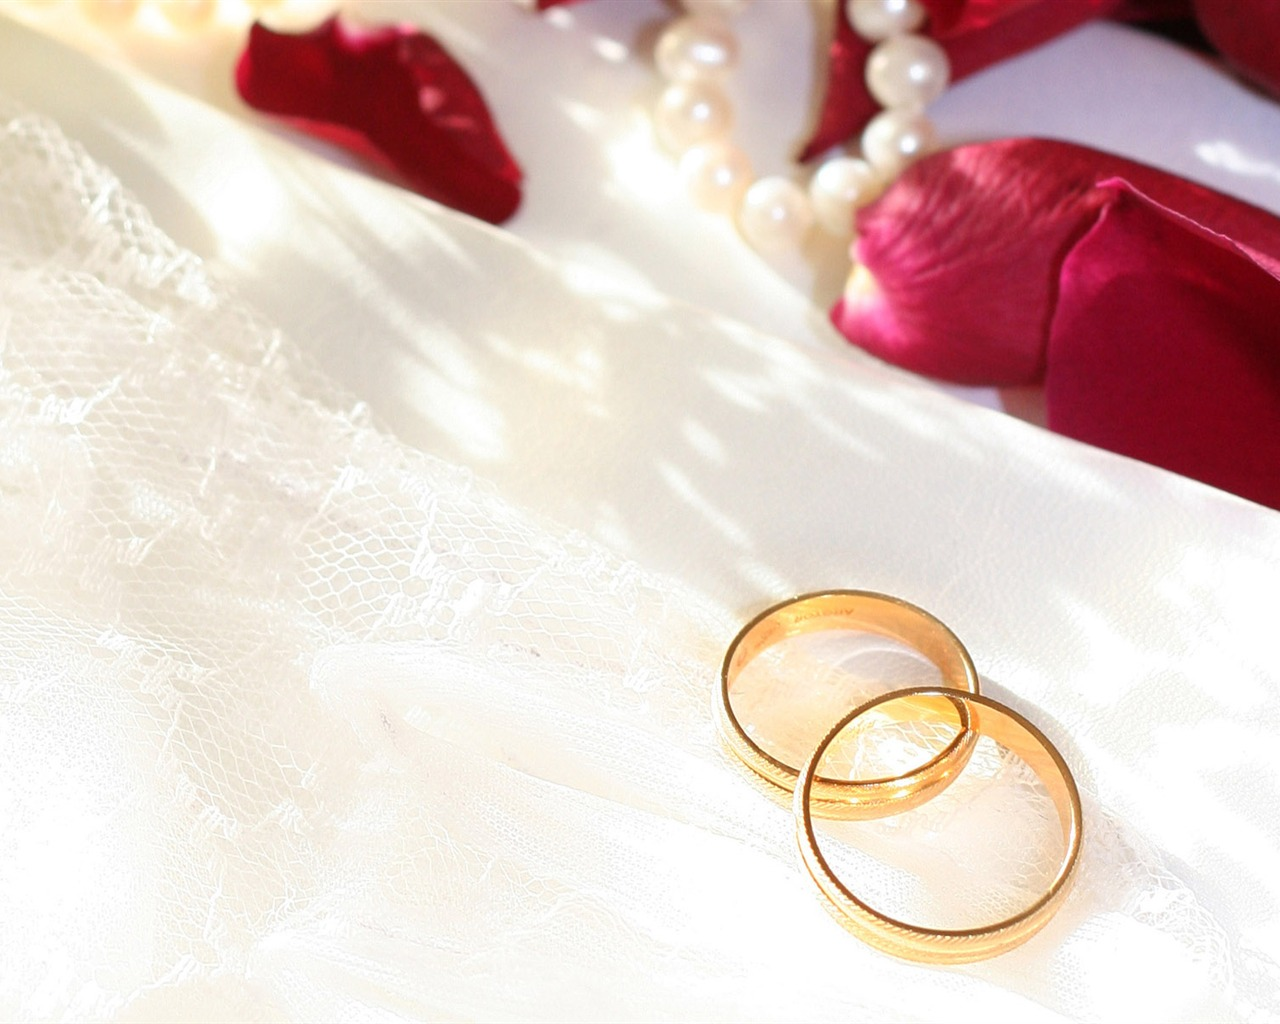 Mariage et papier peint anneau de mariage (1) #7 - 1280x1024 Fond d ...